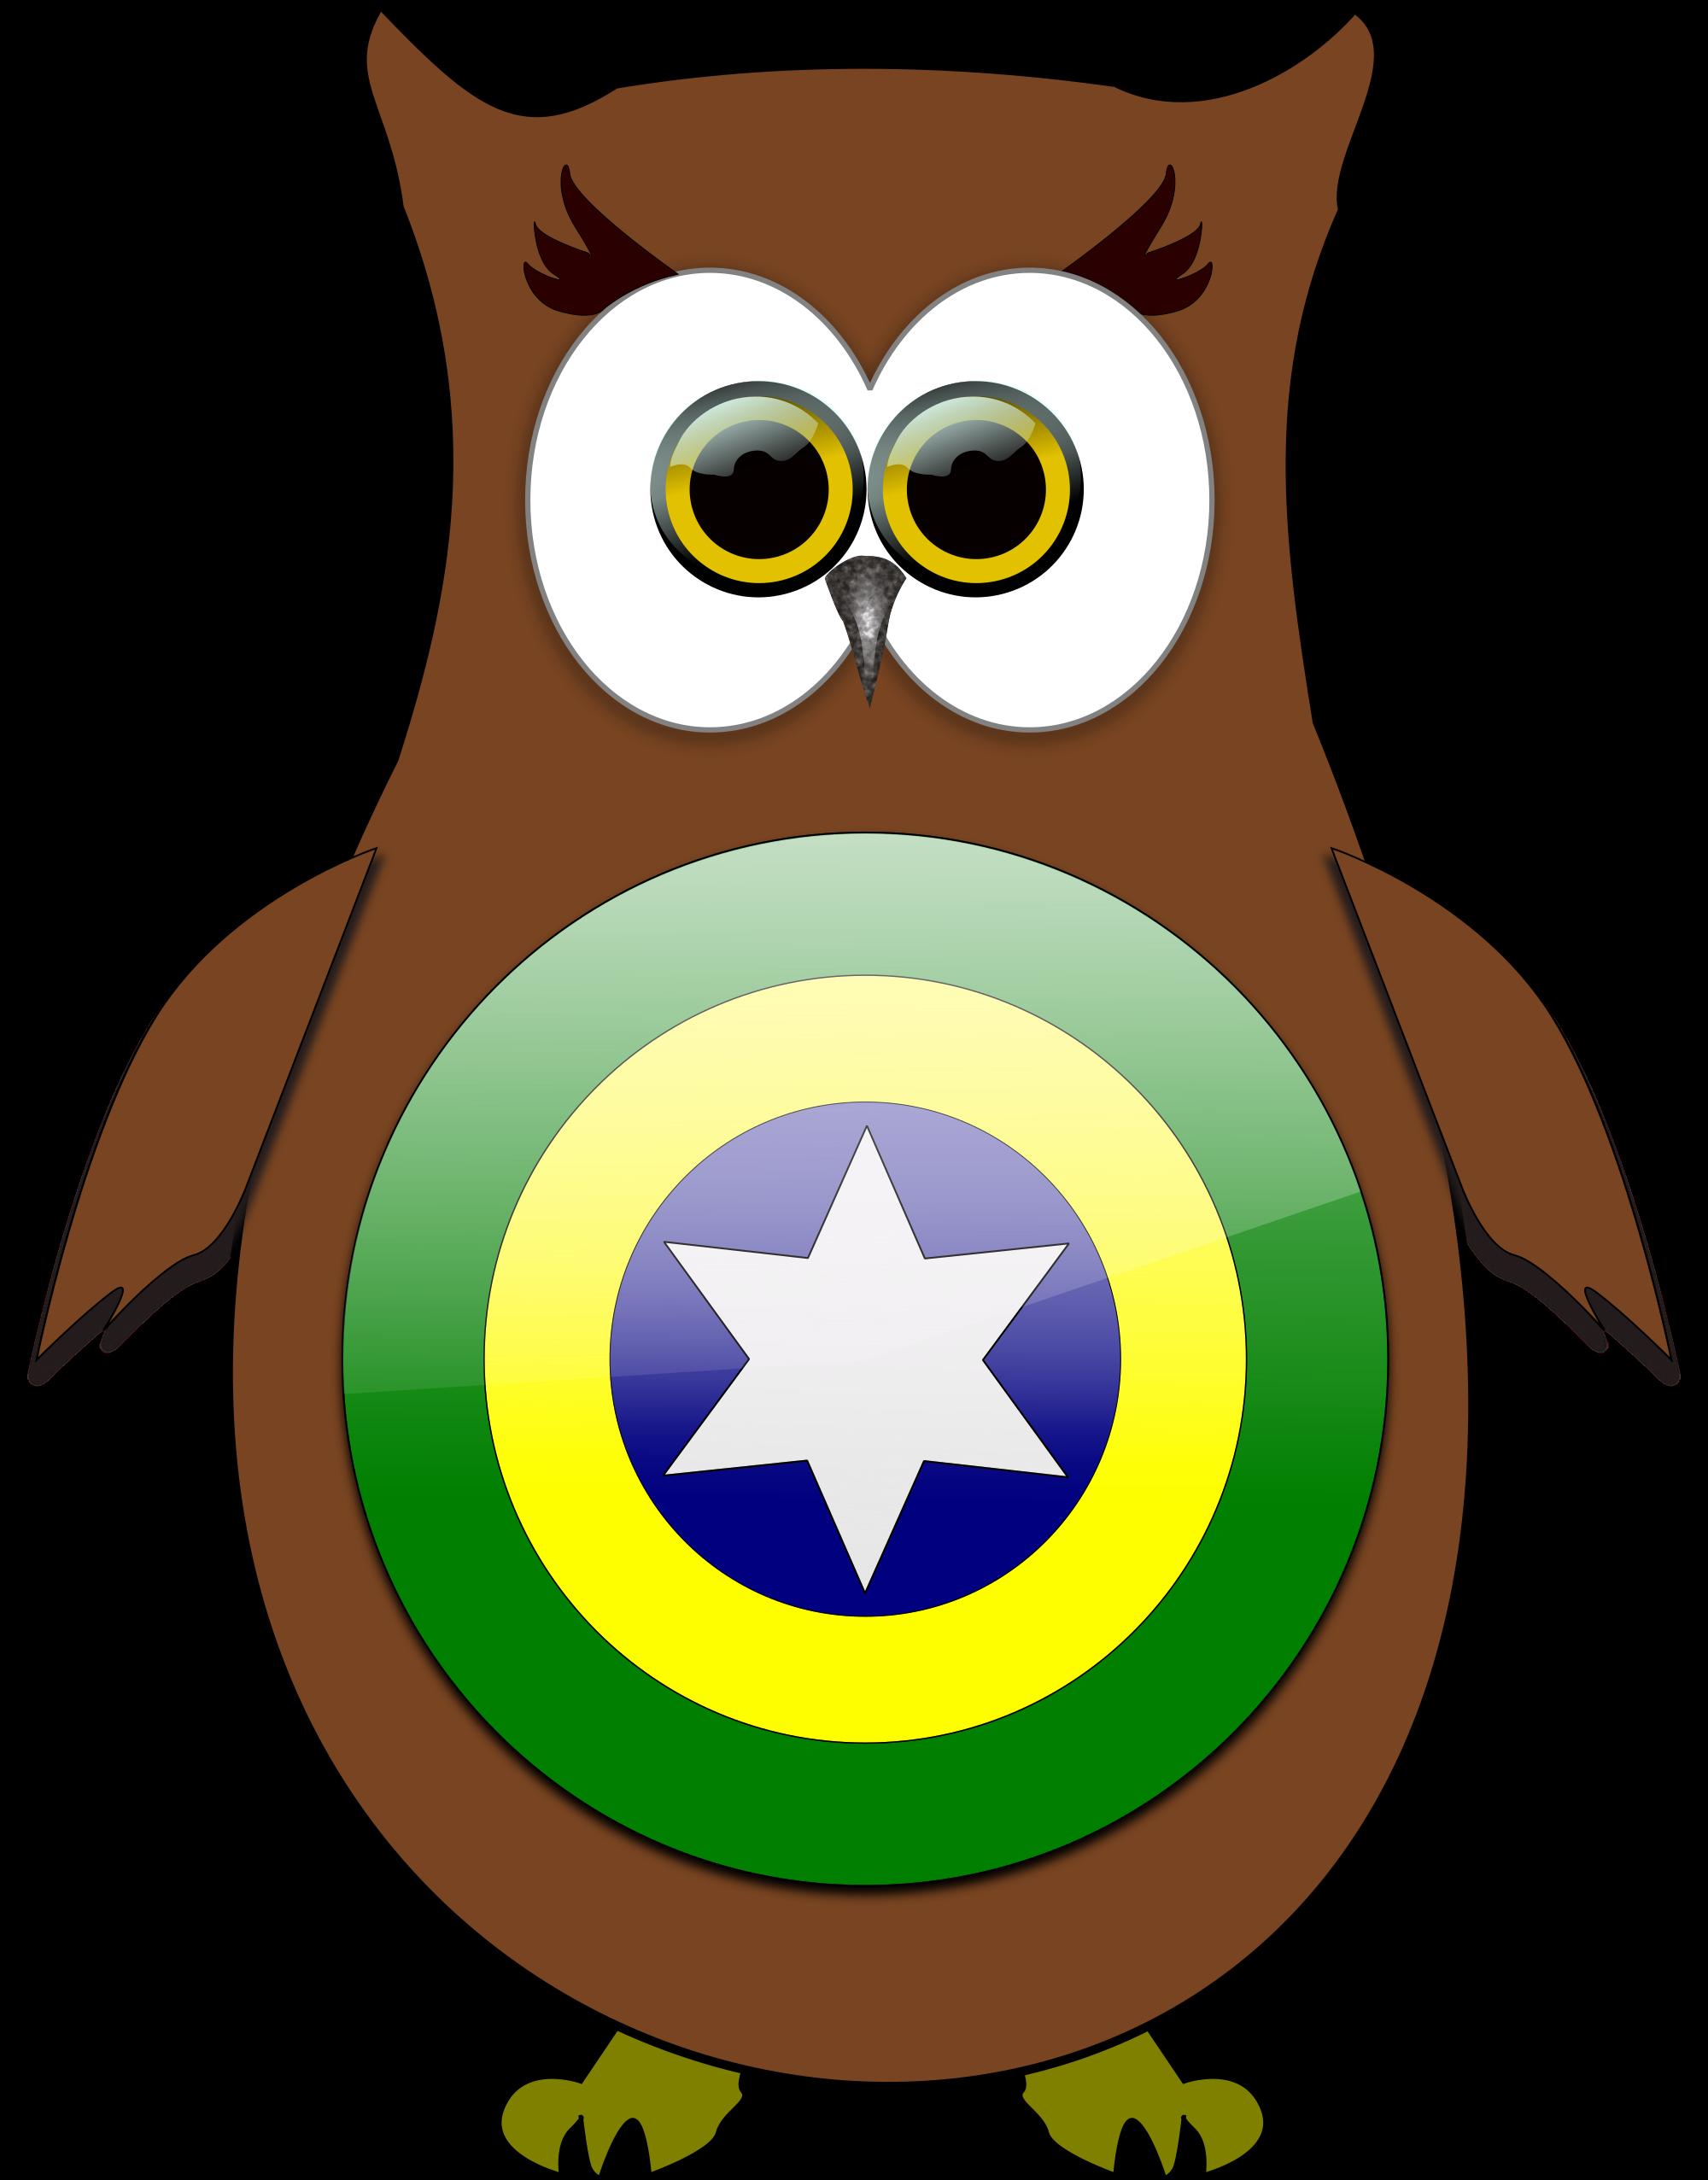 Superhero turkey clipart jpg freeuse Free owl brazil superhero clipart clipart and vector image ... jpg freeuse